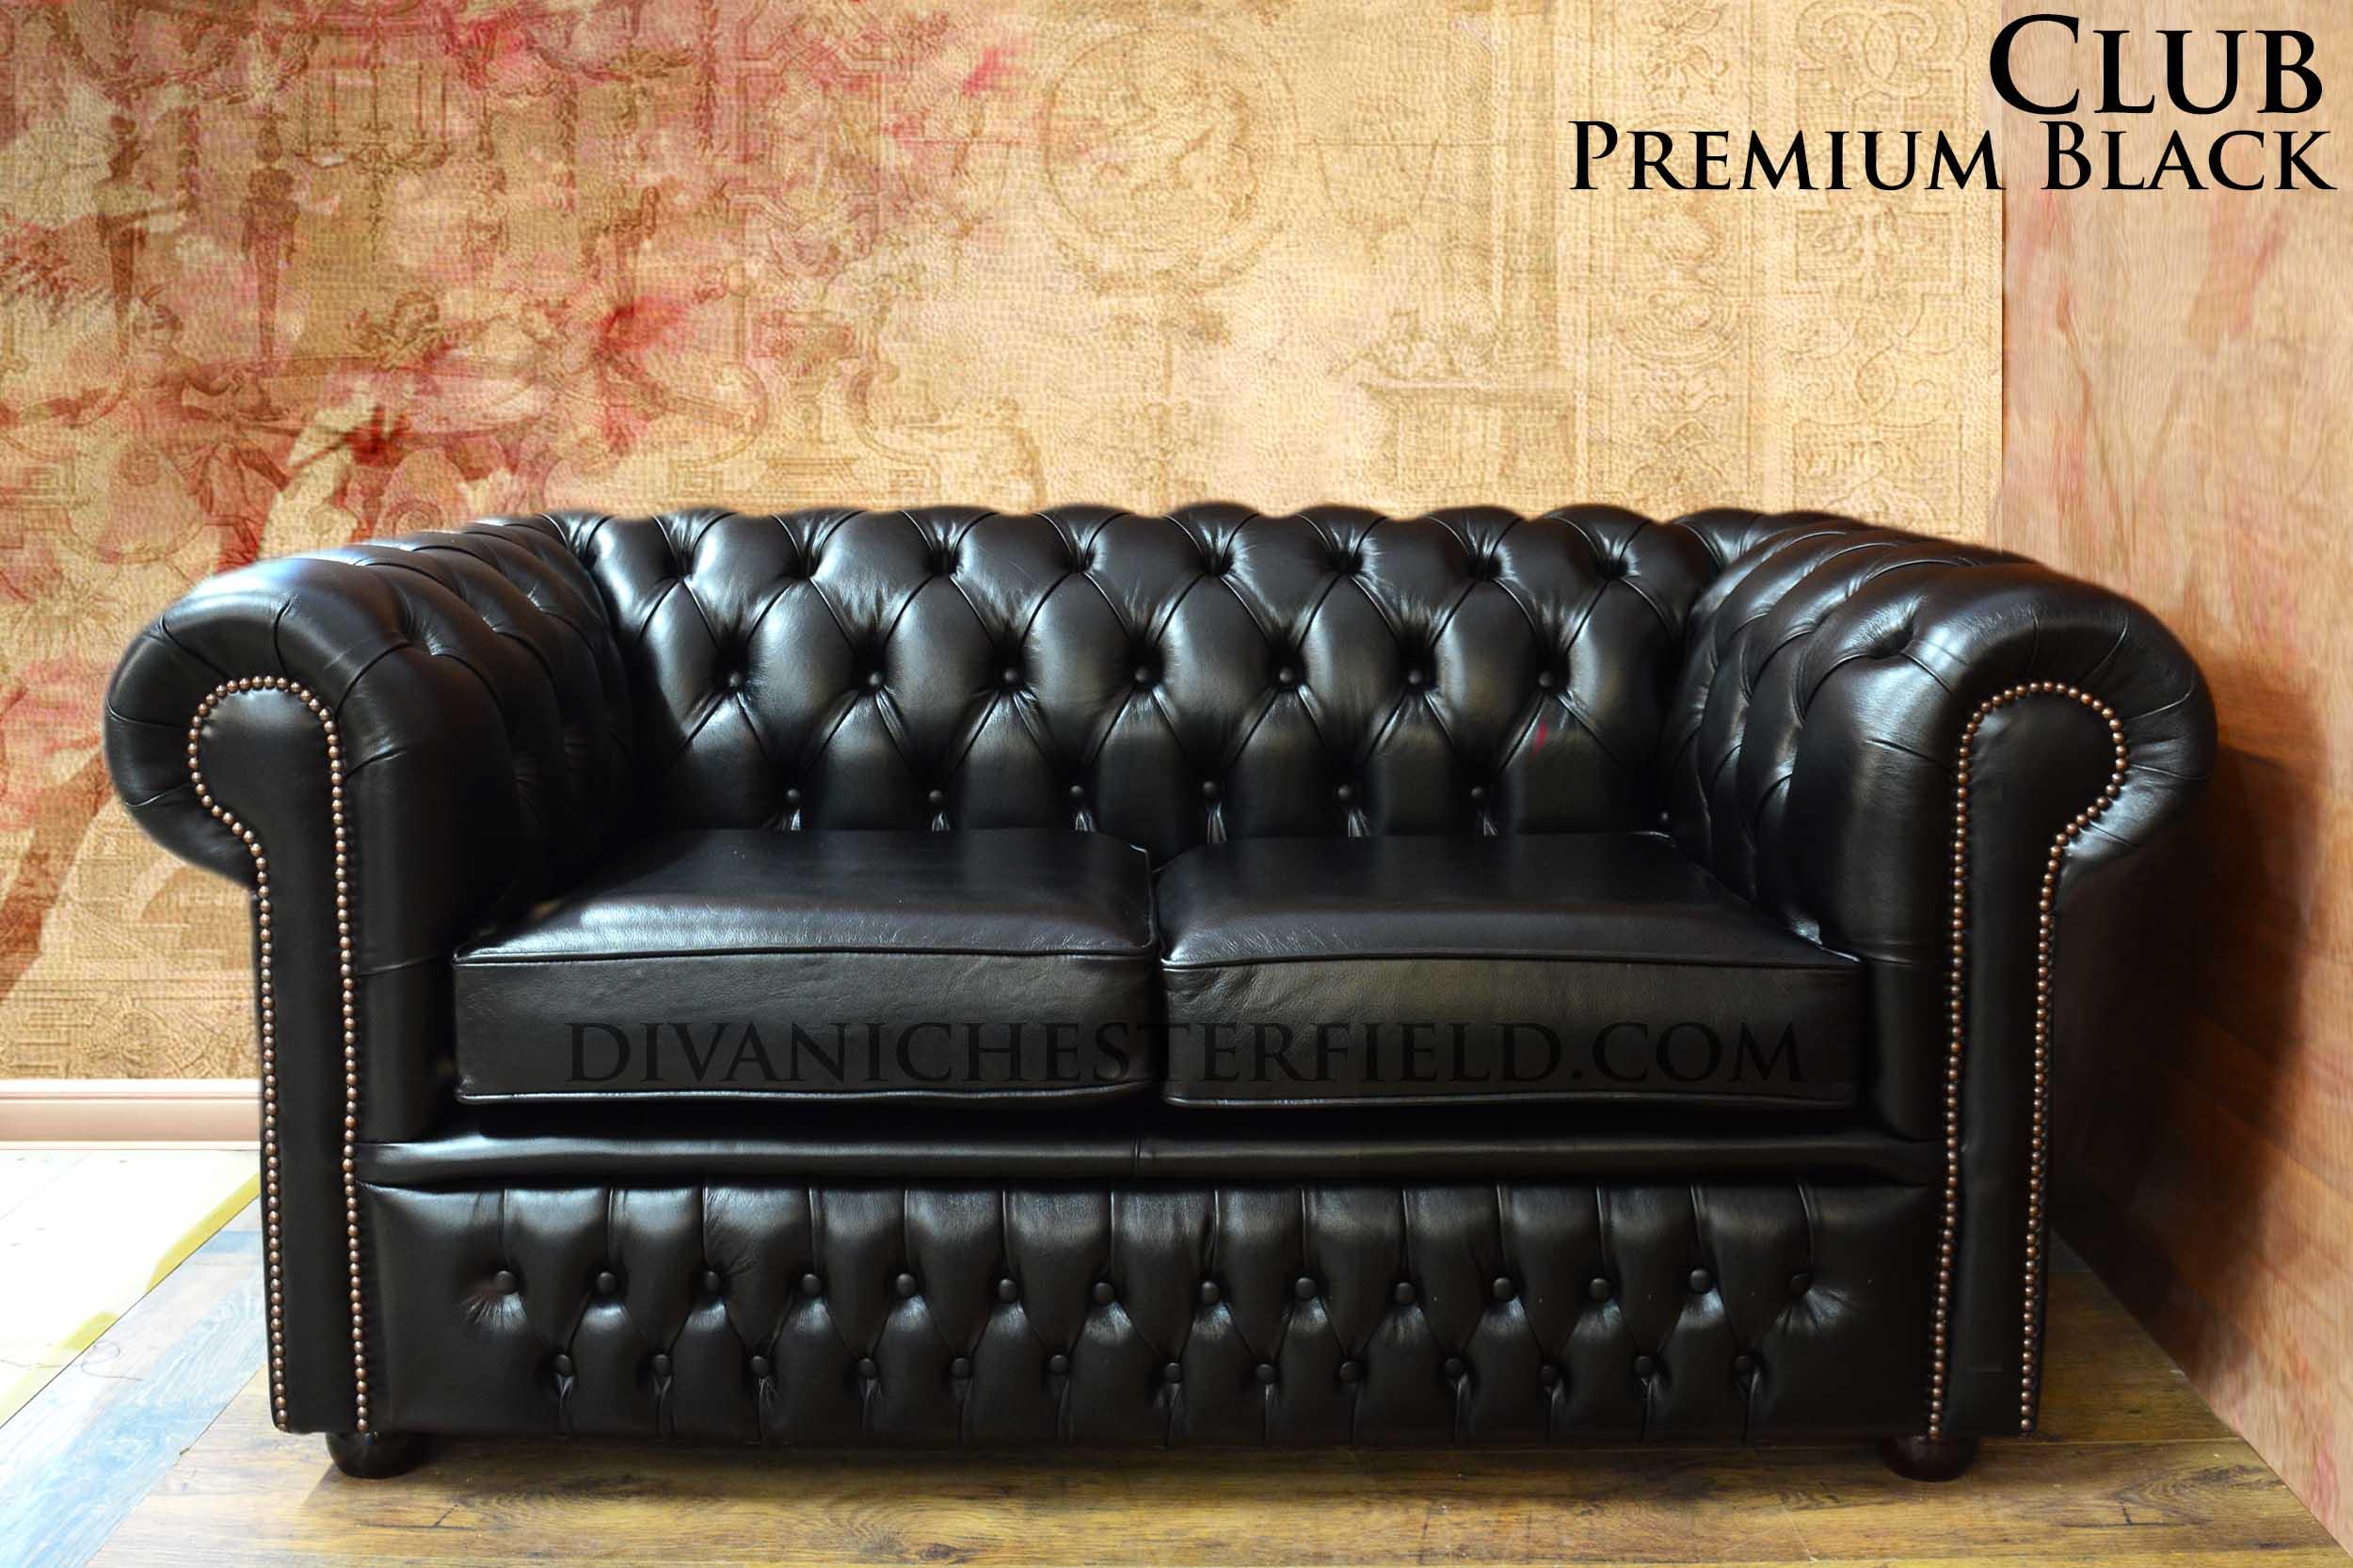 Divano chesterfield club nuovo originale inglese - Rottamazione divano usato ...